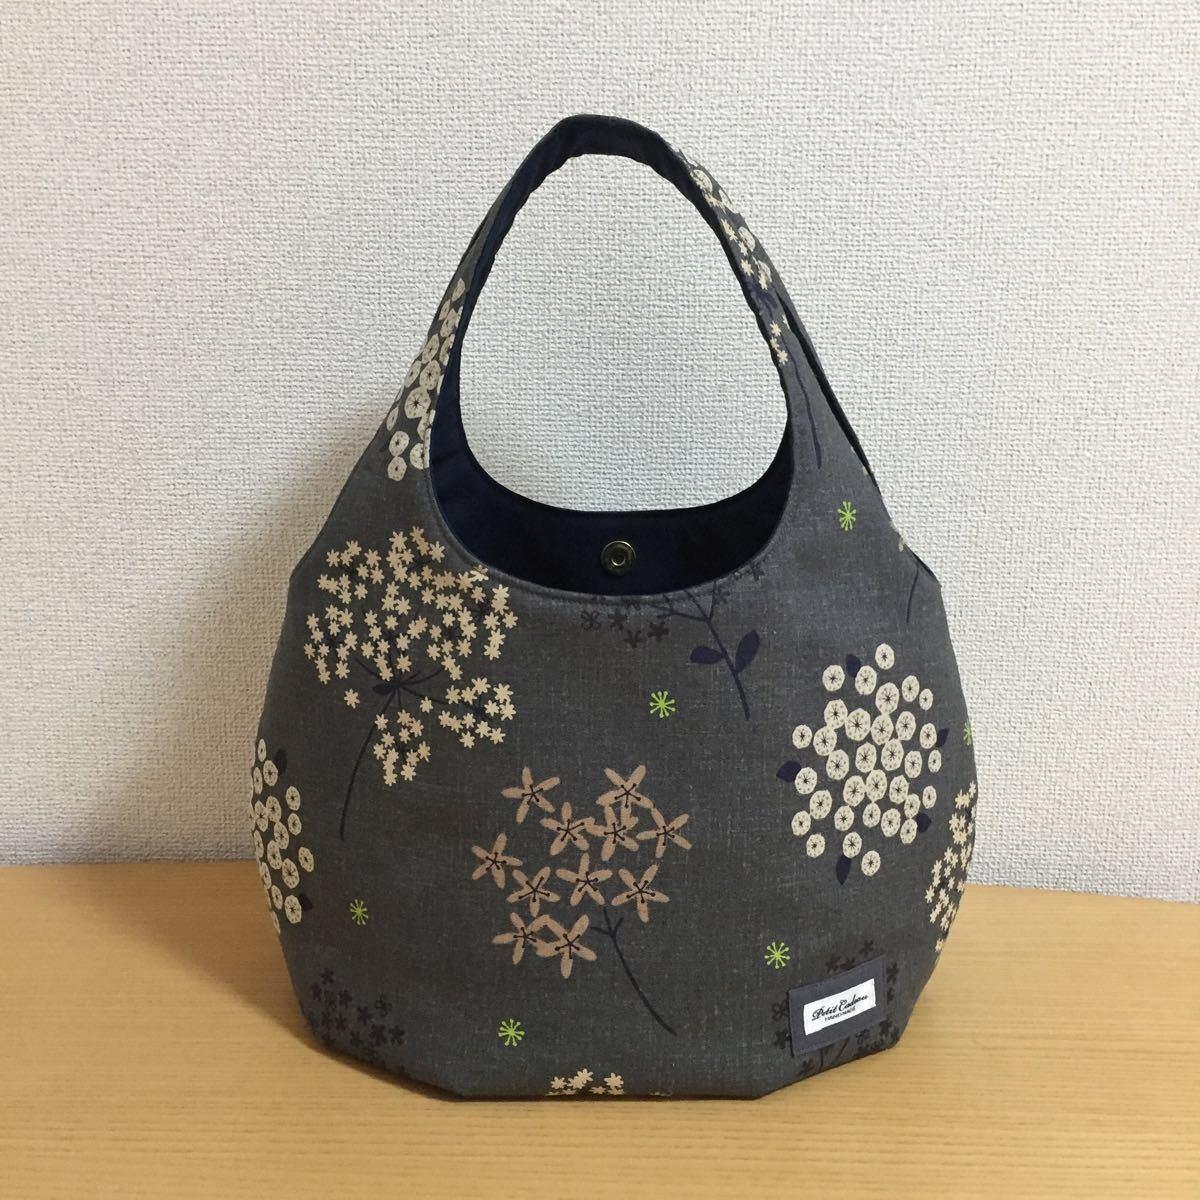 ◆ハンドメイド◆ kororin bag (ショルダー)マグネットボタン付++綿麻キャンバス*フラワー 濃グレー